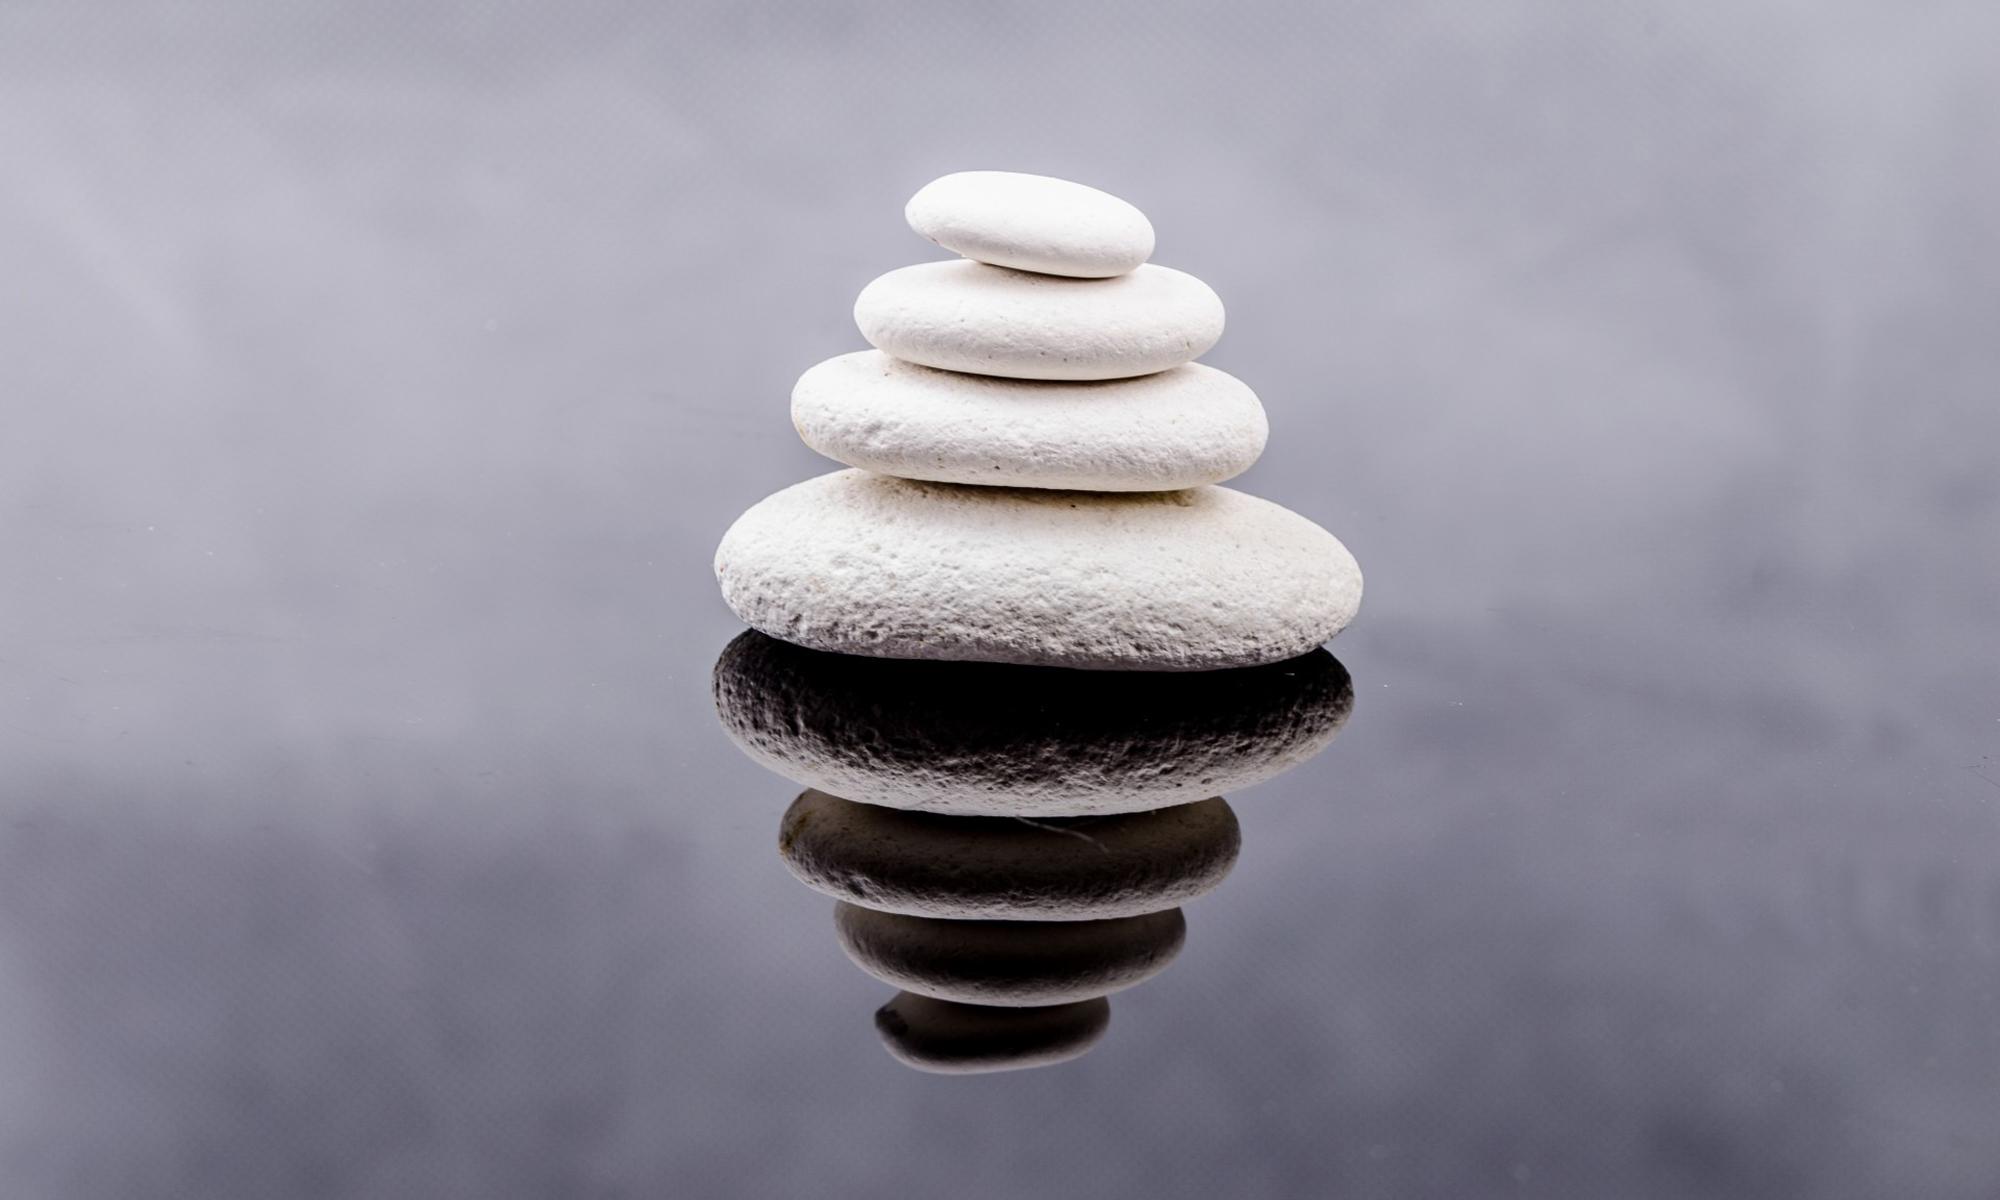 Weiße Steine in Wasser (Zen-Symbolik)